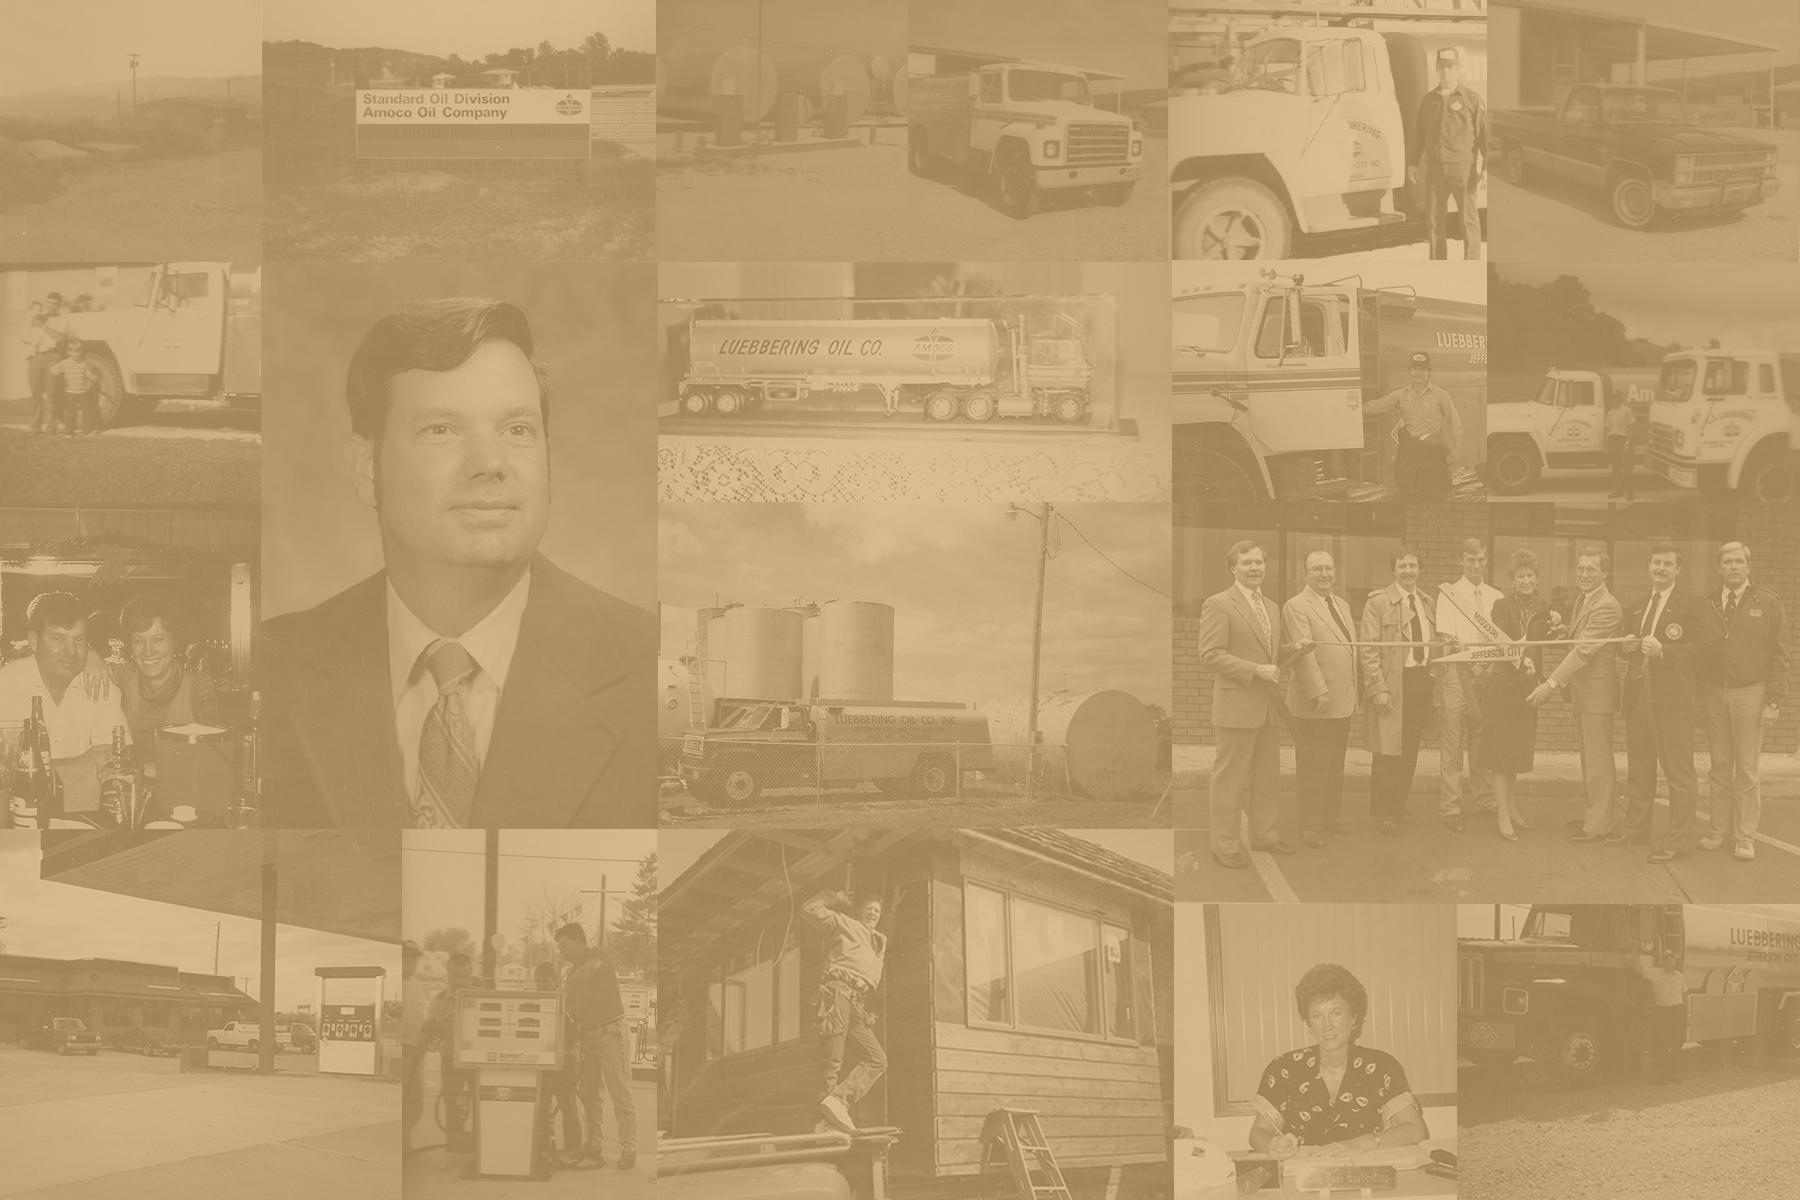 Luebbering Company History